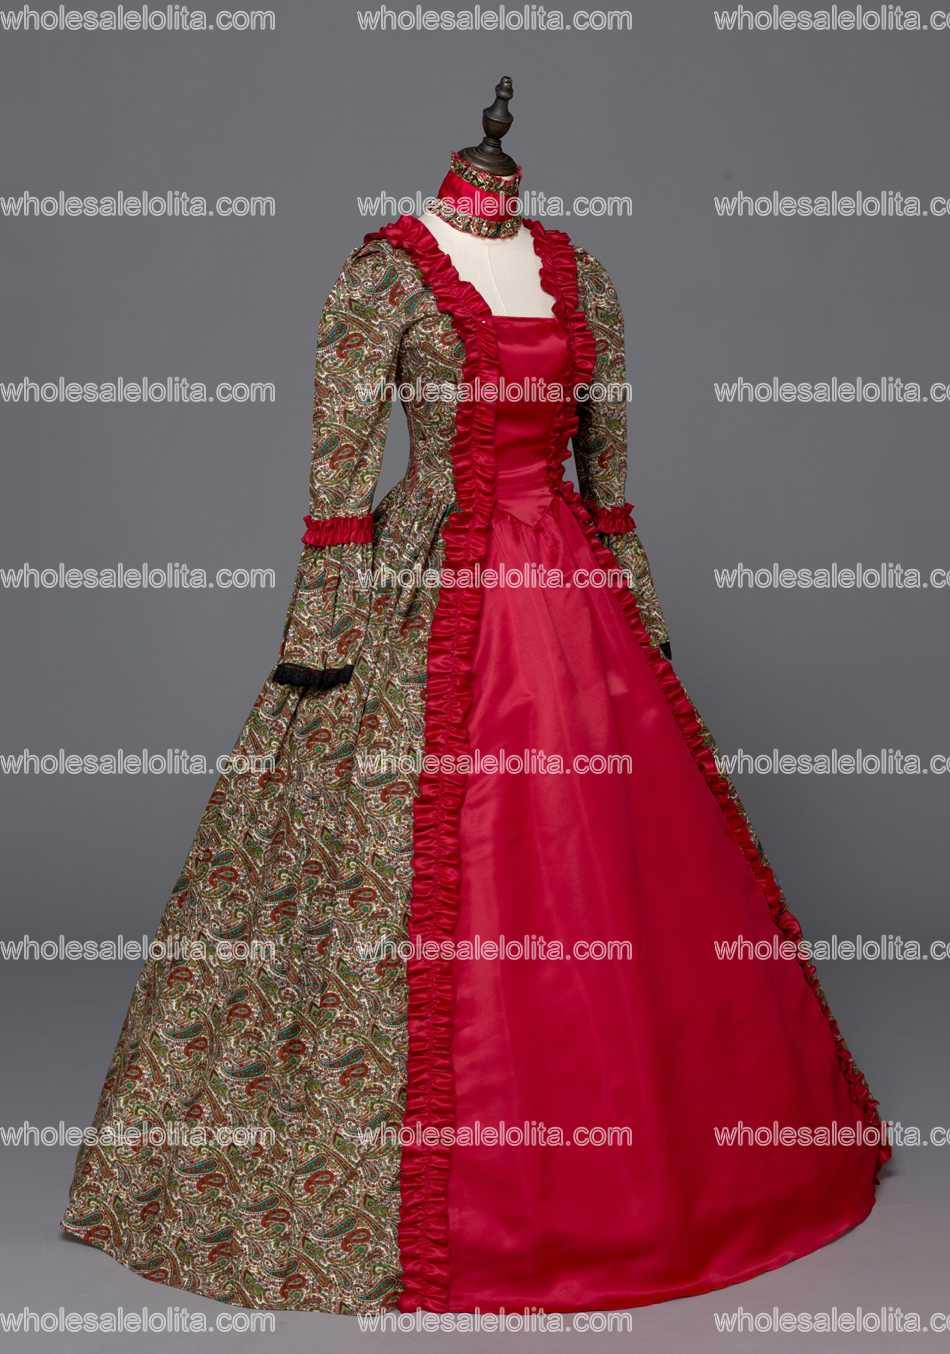 Gothique Robe Géorgien Vêtements Bal Rouge Théâtre Brocade Mascarade De Renaissance ikXZuOP